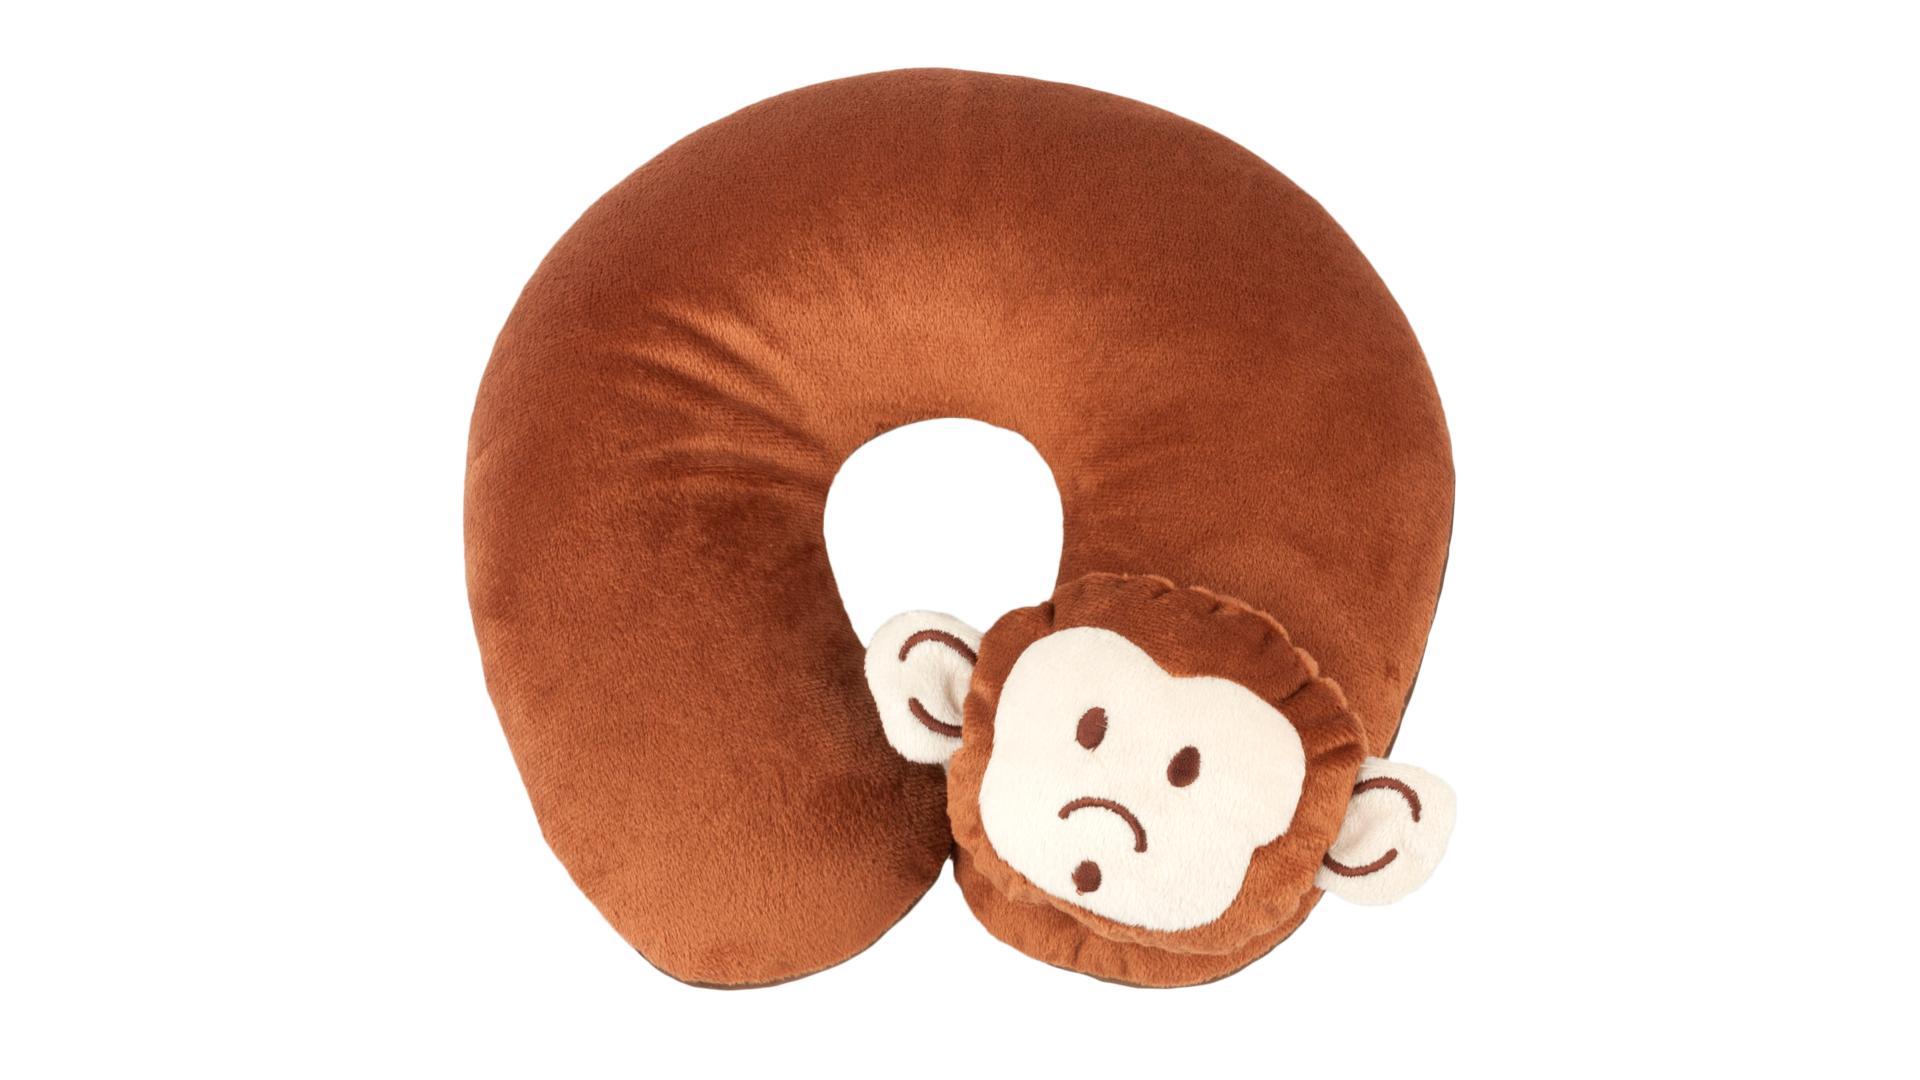 Walser polštářový límec Monkey hnědý (od 5 let)